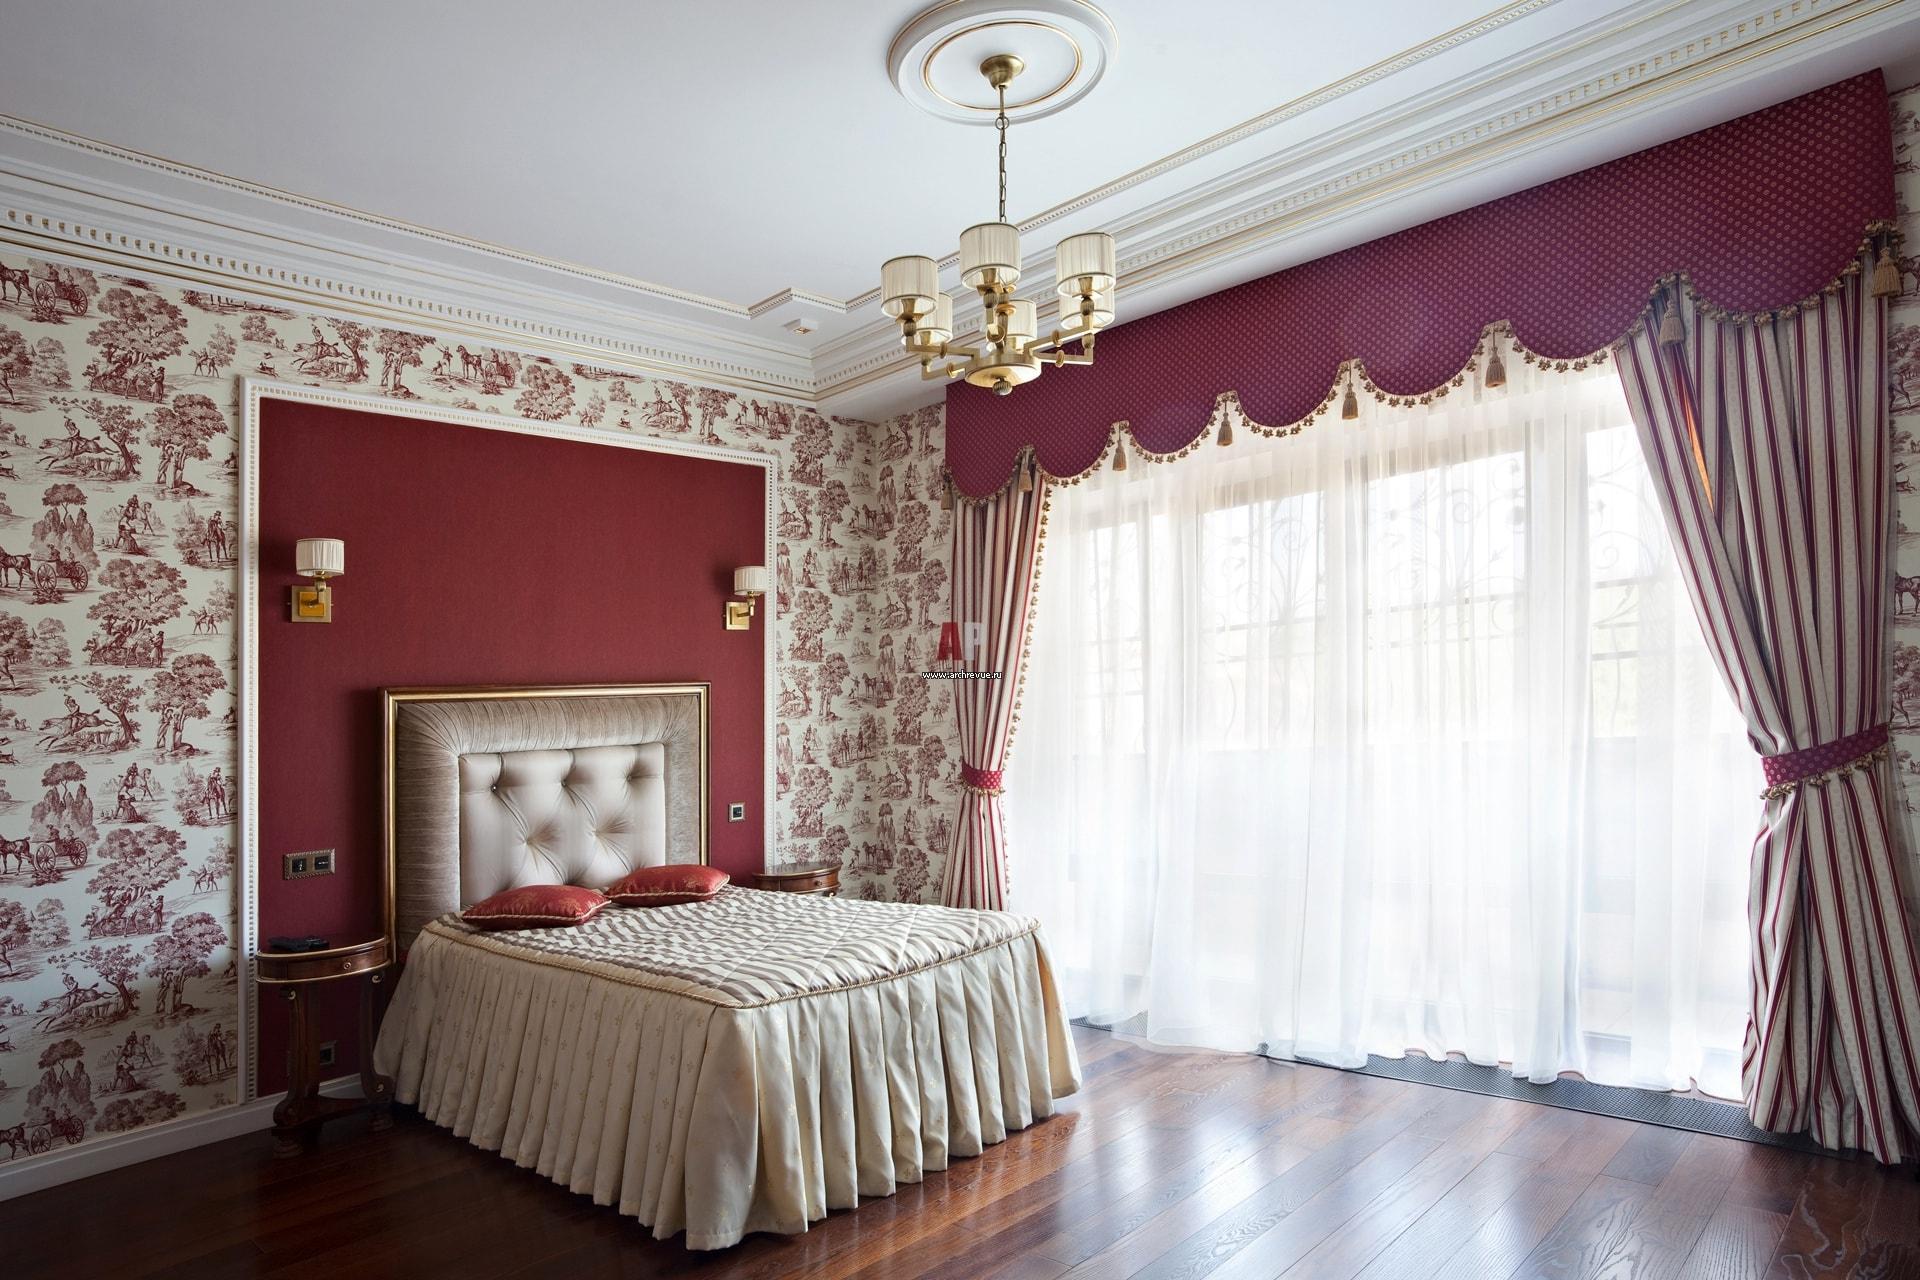 текстильные обои в спальню фото